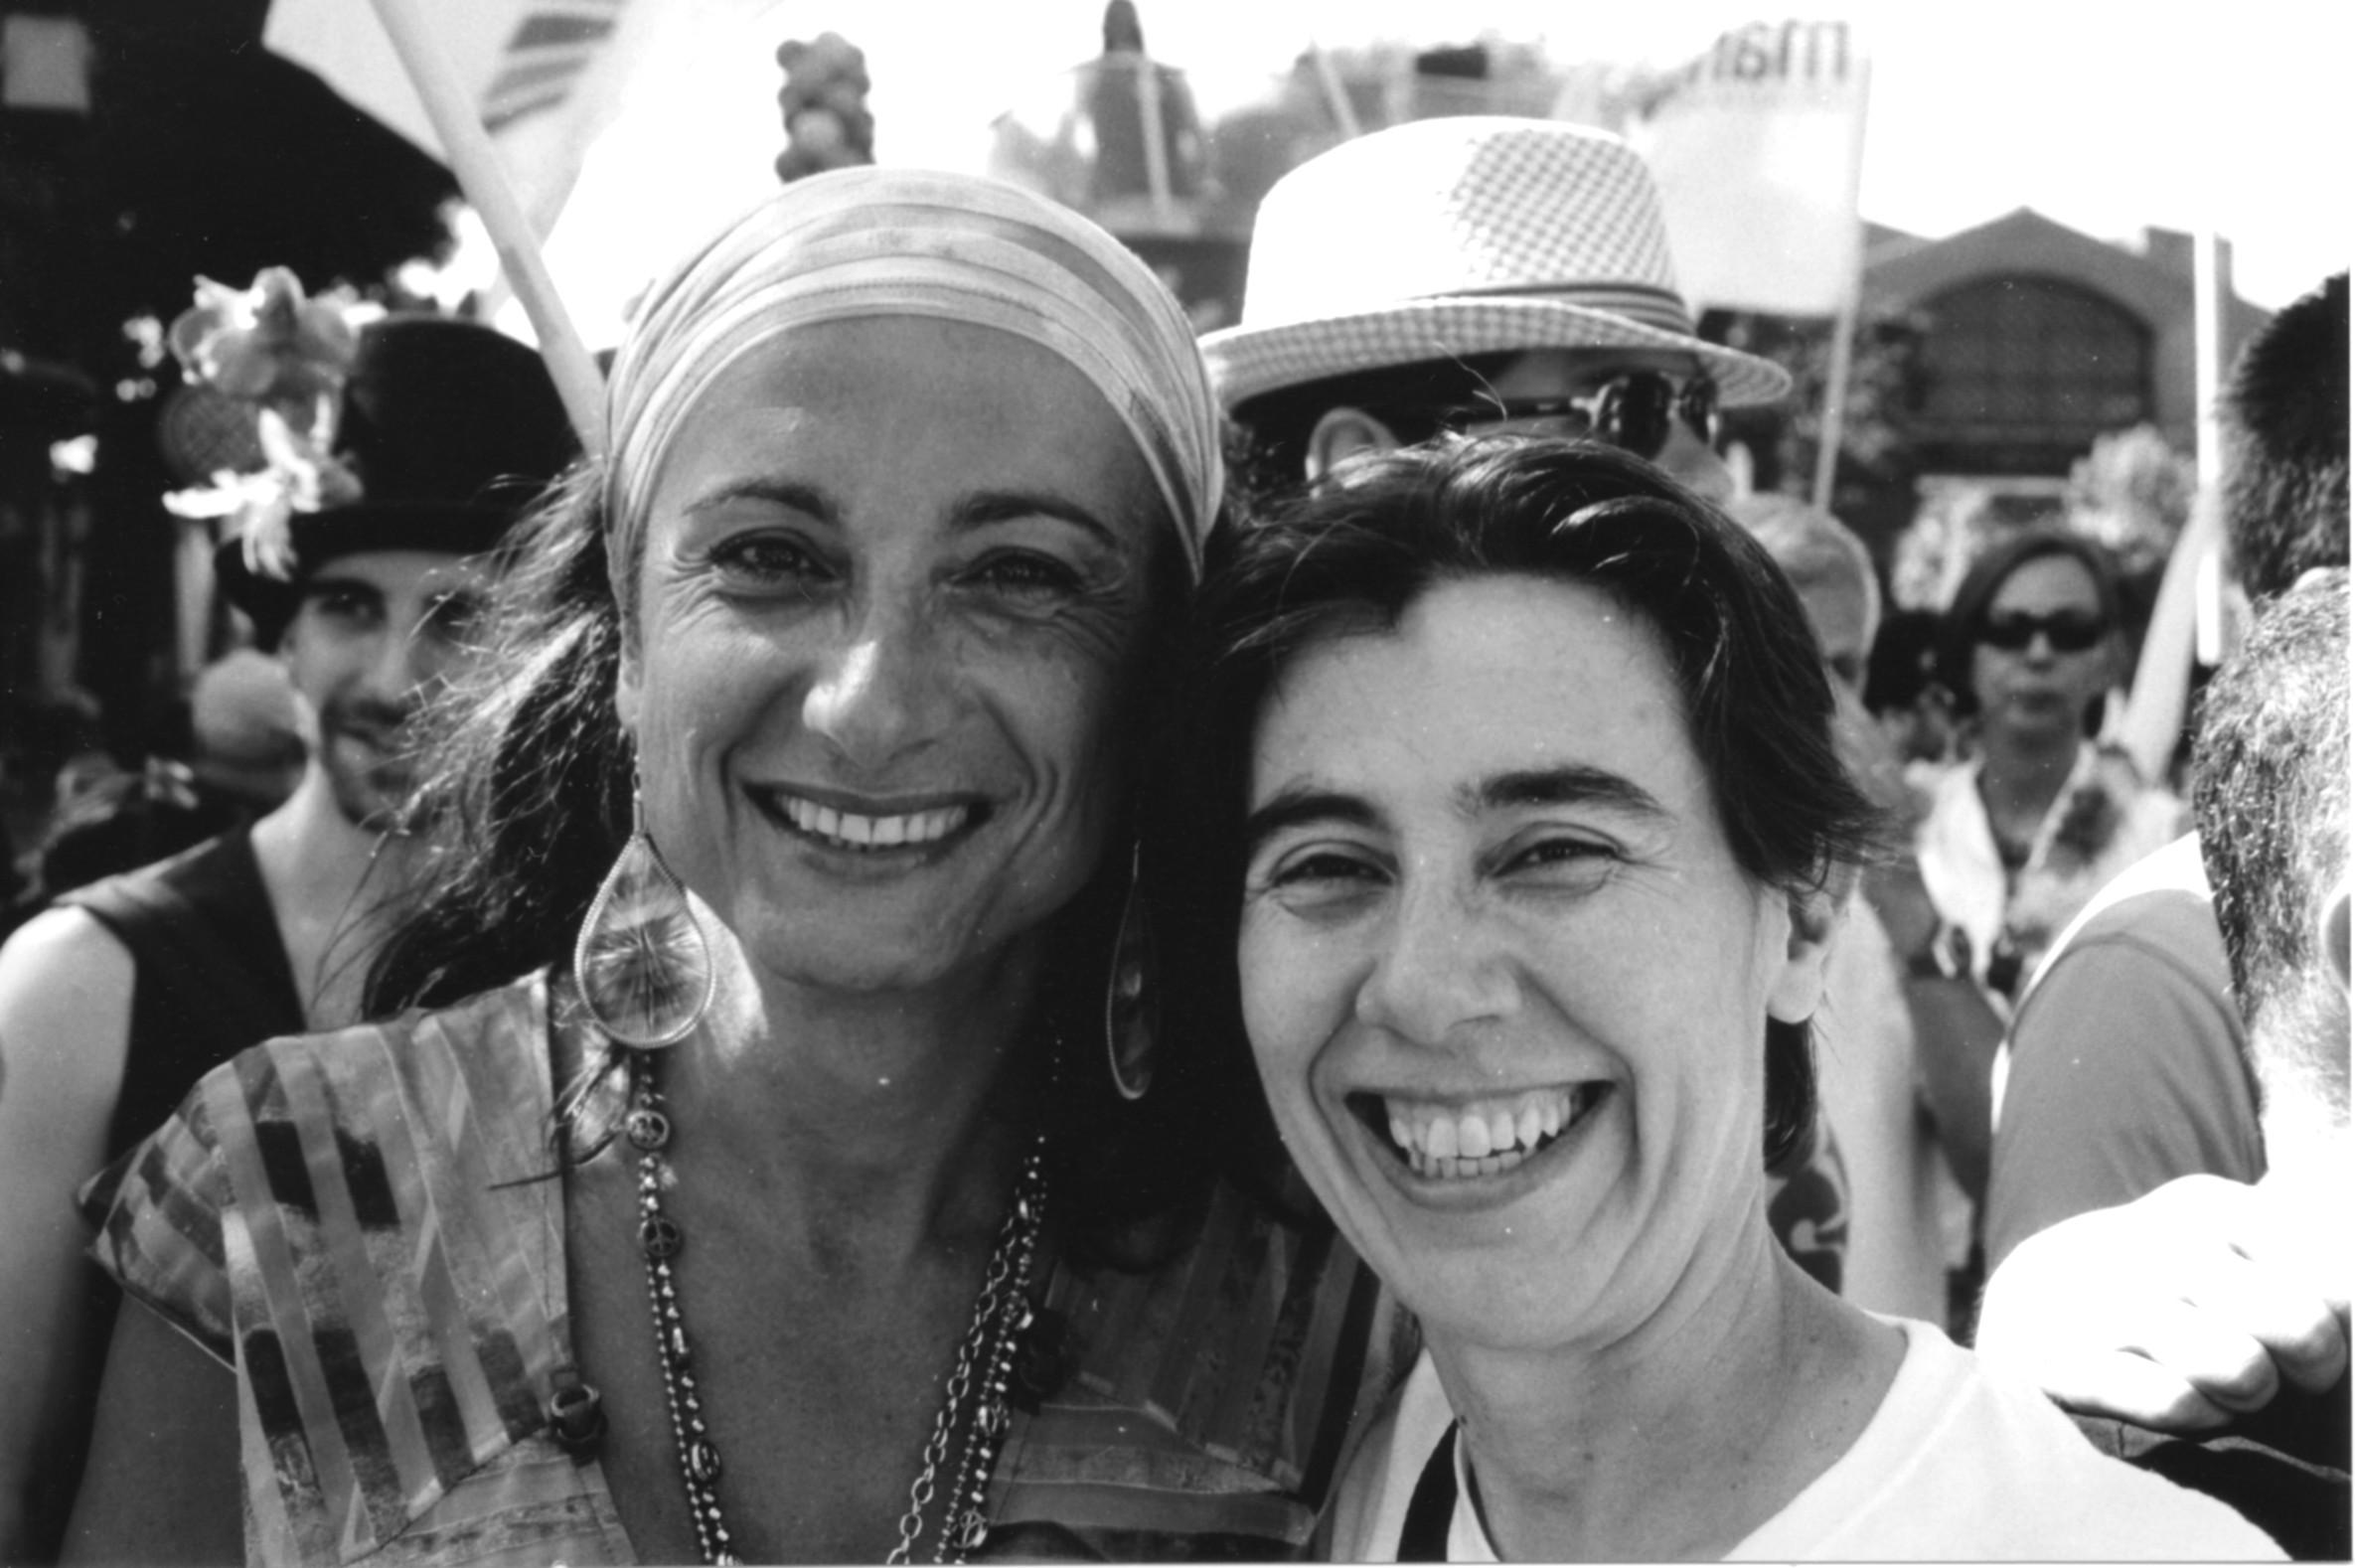 2012-06-23_Roma_Gay_Pride_Vladimir_Luxuria_BW